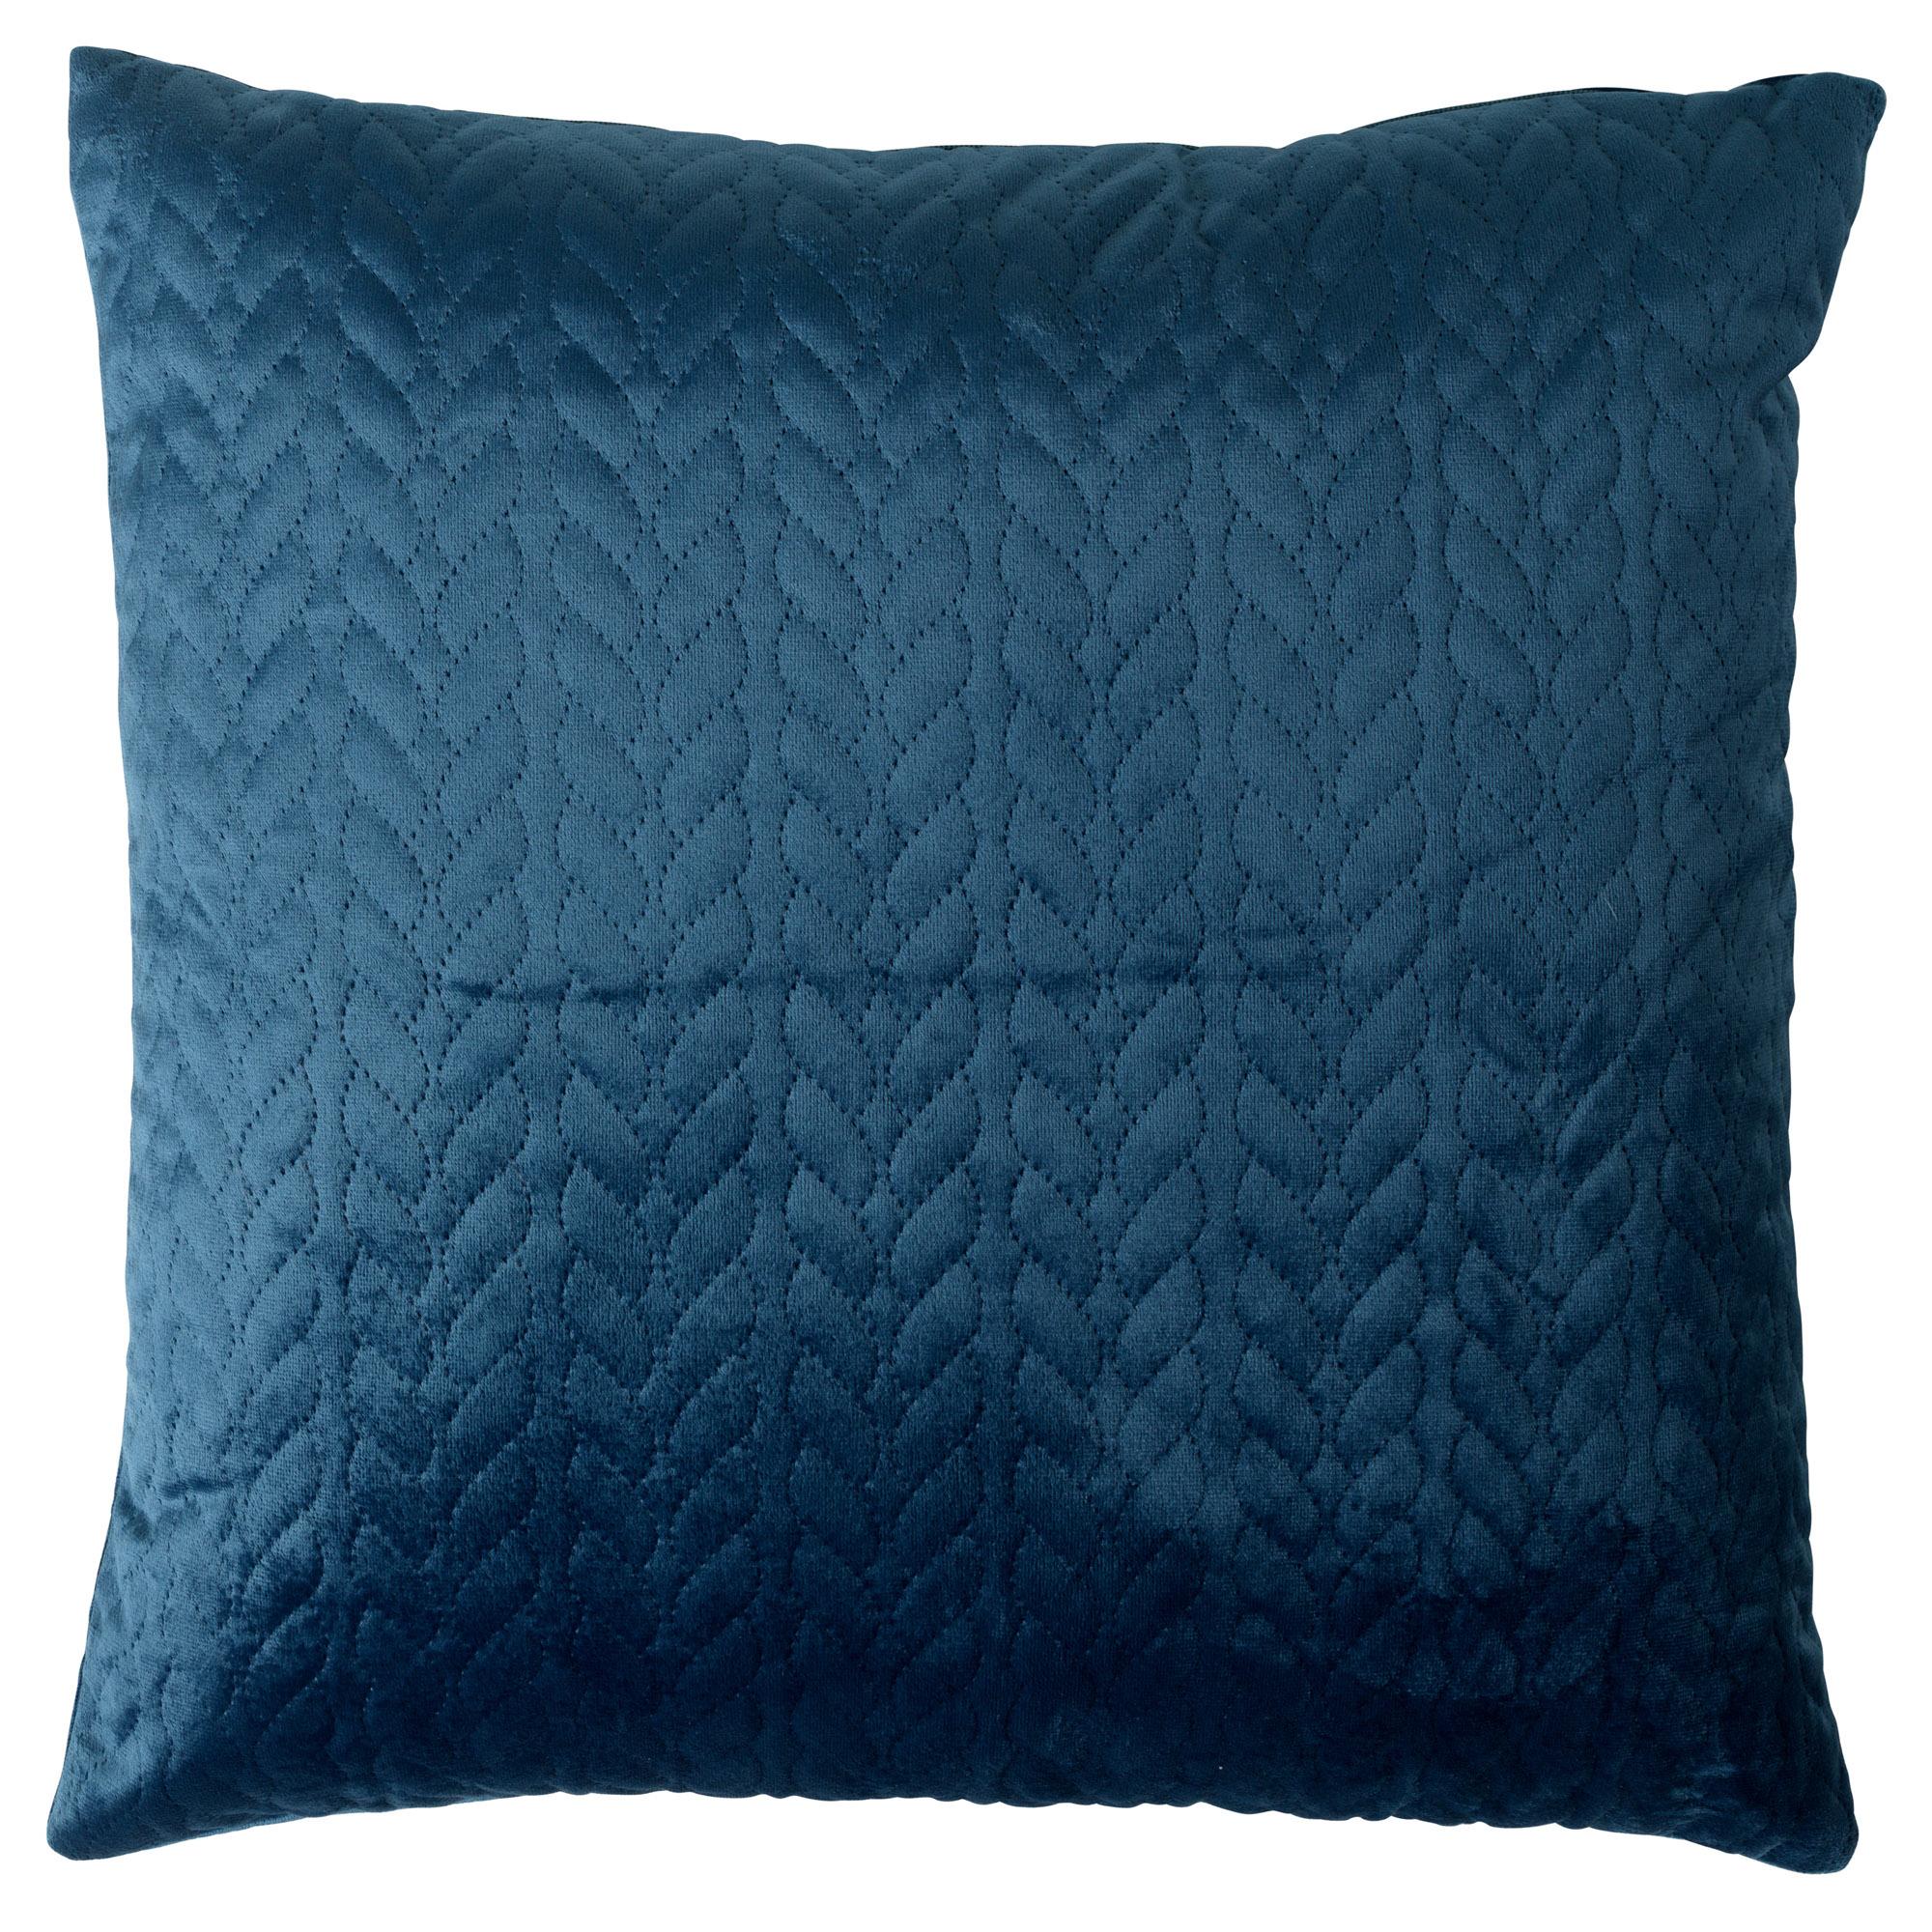 HILKO - Sierkussen velvet Provincial Blue 45x45 cm